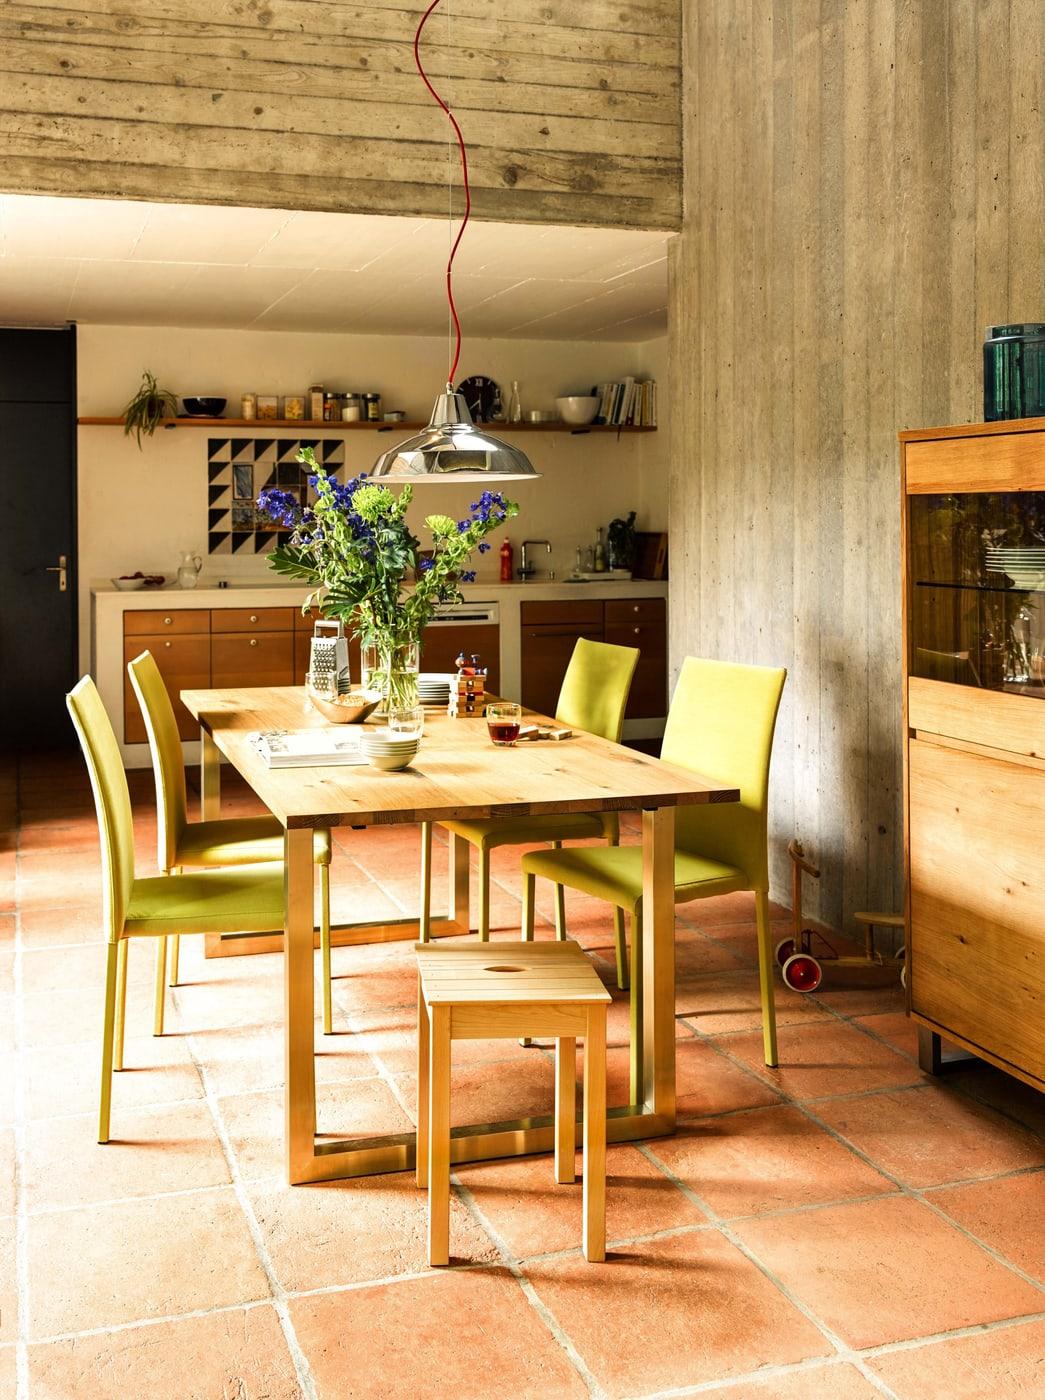 tabouret carre migros. Black Bedroom Furniture Sets. Home Design Ideas